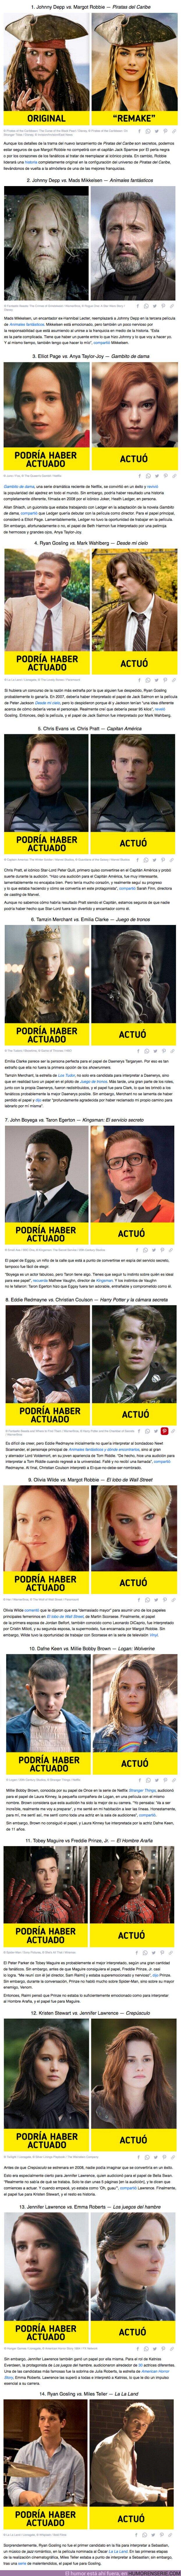 69130 - GALERÍA: 14 Actores y actrices que iban a interpretar papeles famosos, pero apareció una nueva estrella